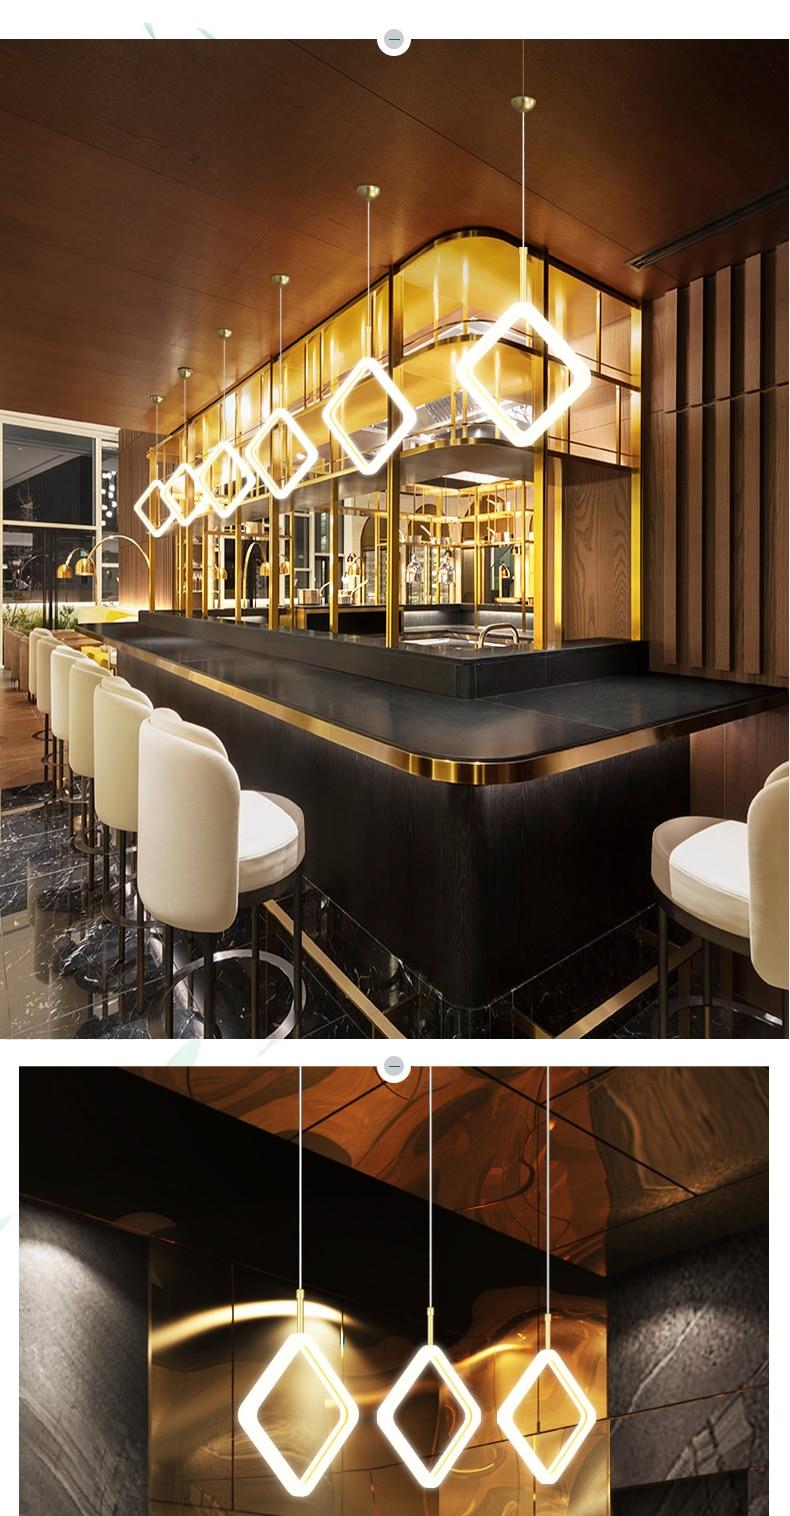 北欧风格创意个性吊灯简约现代圆环形三头餐厅灯吧台灯餐吊灯具-tmall_02